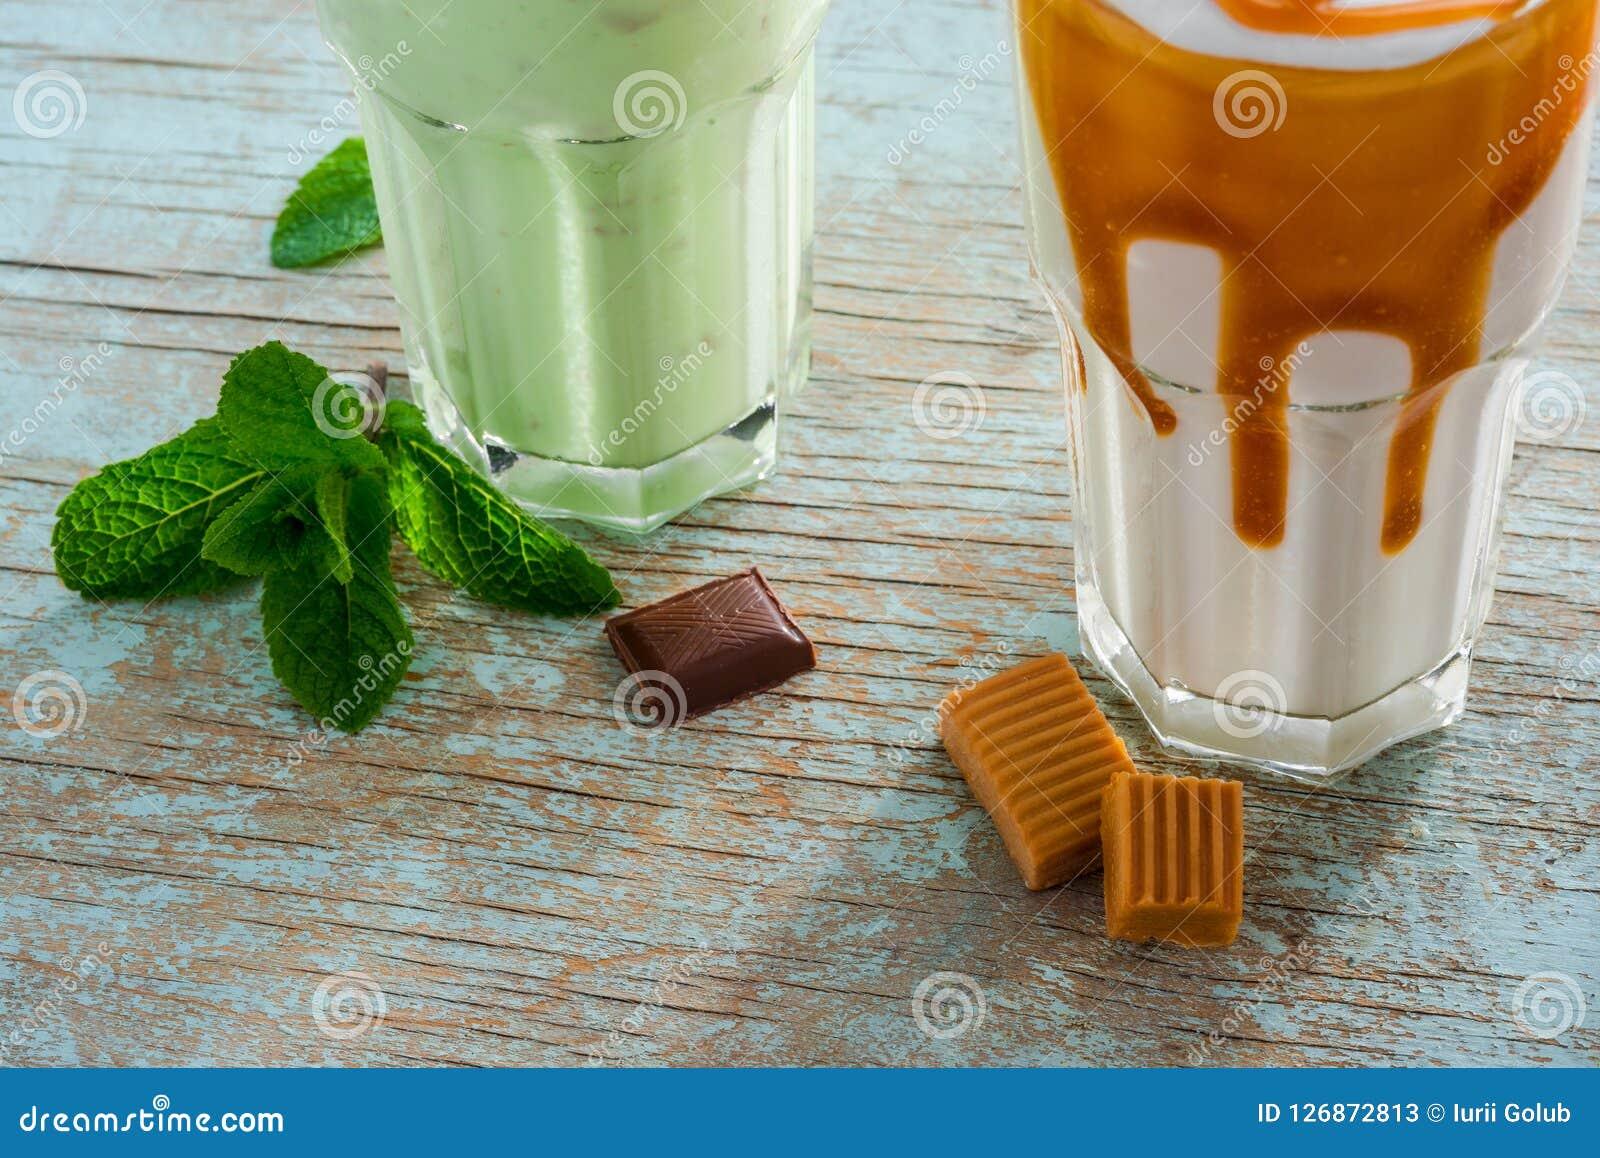 Процесс подготовки milkshakes